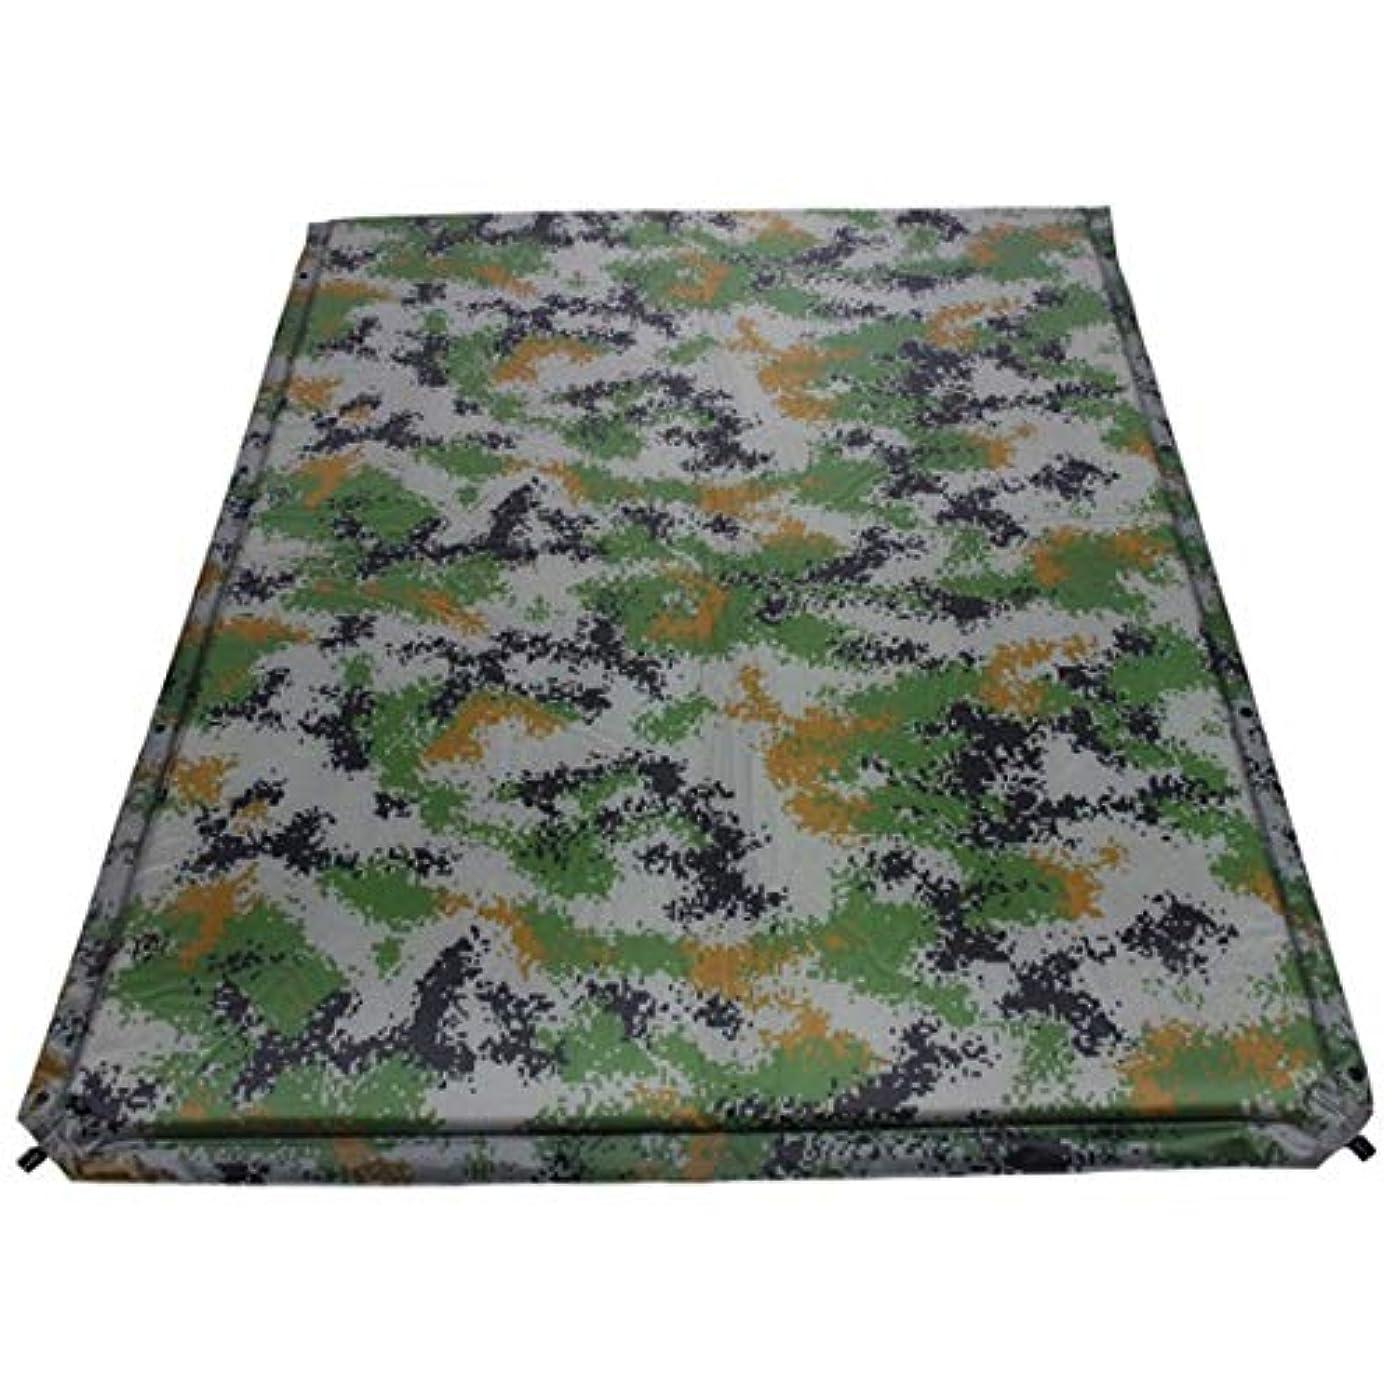 シャンパン治安判事つかまえるノウ建材貿易 インフレータブルエア睡眠パッド軽量防水自己膨張とコンパクトキャンプマットレスパッドカモフラージュ色 (色 : Camouflage)